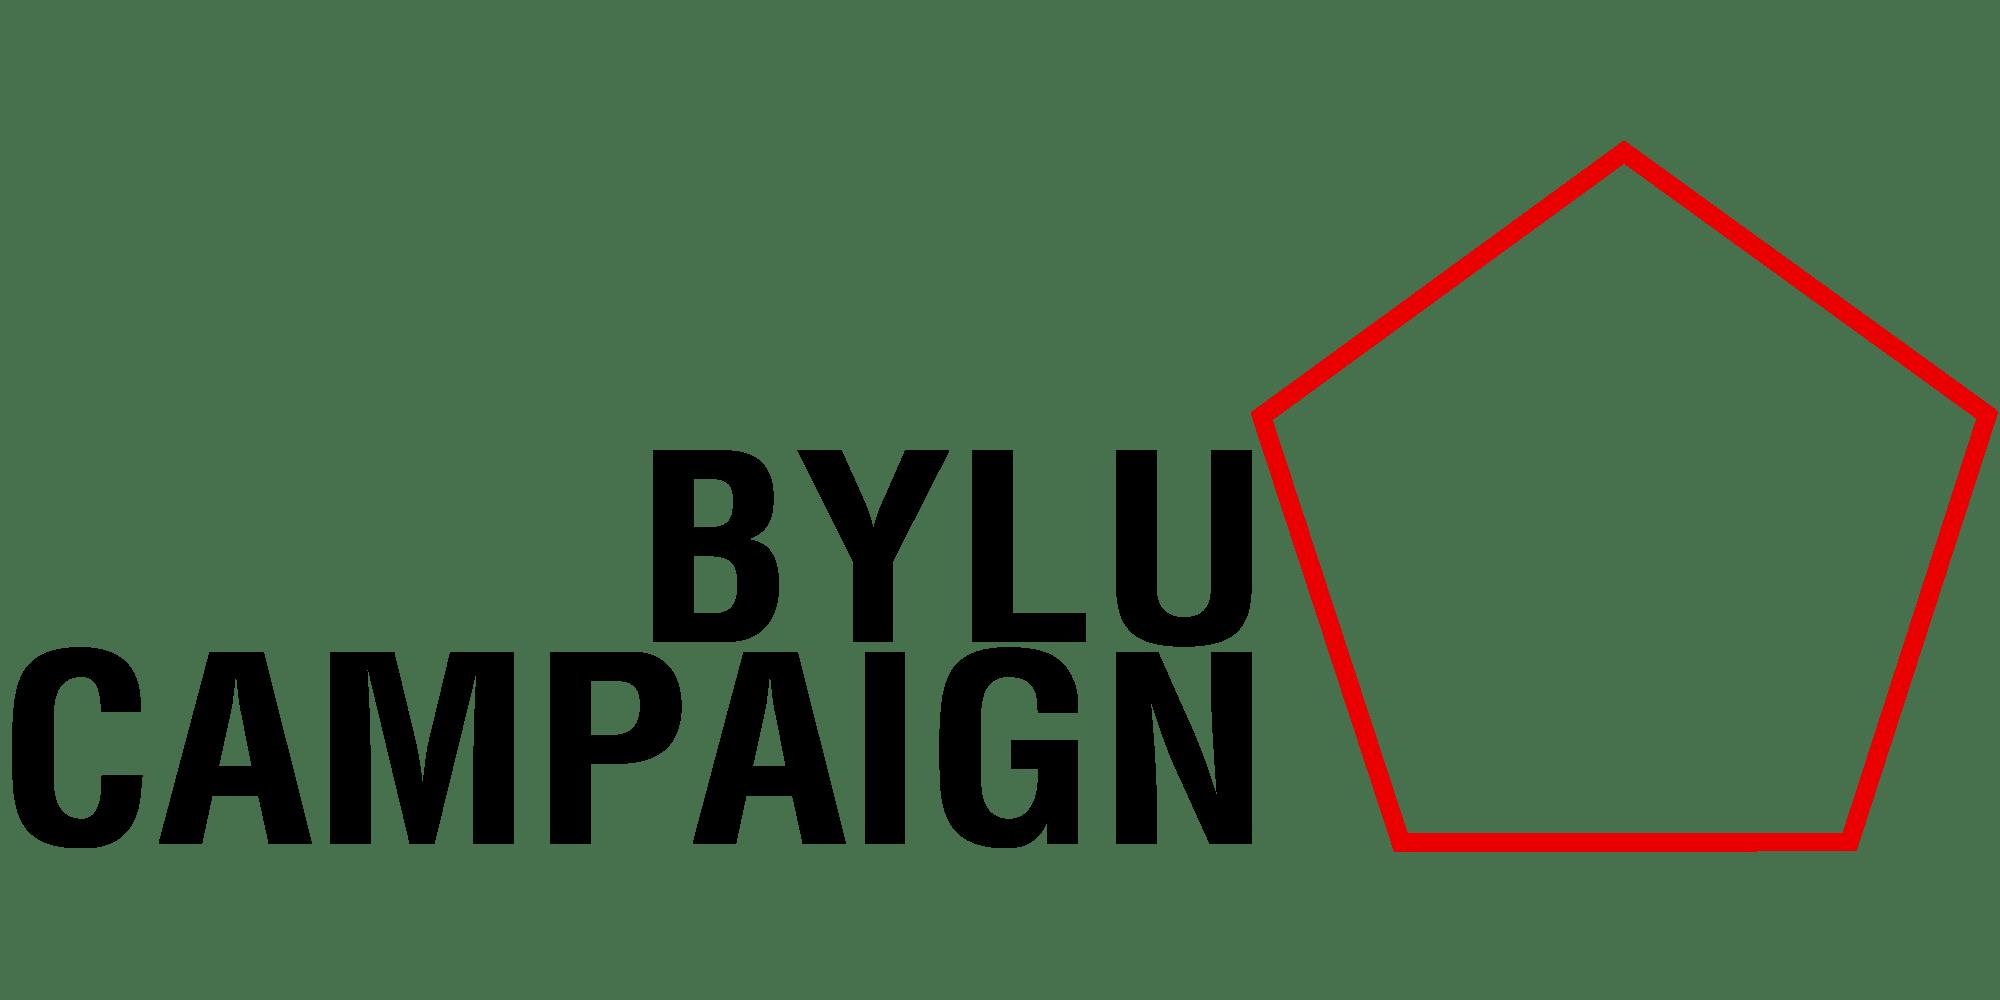 bylu campaign navbar logo